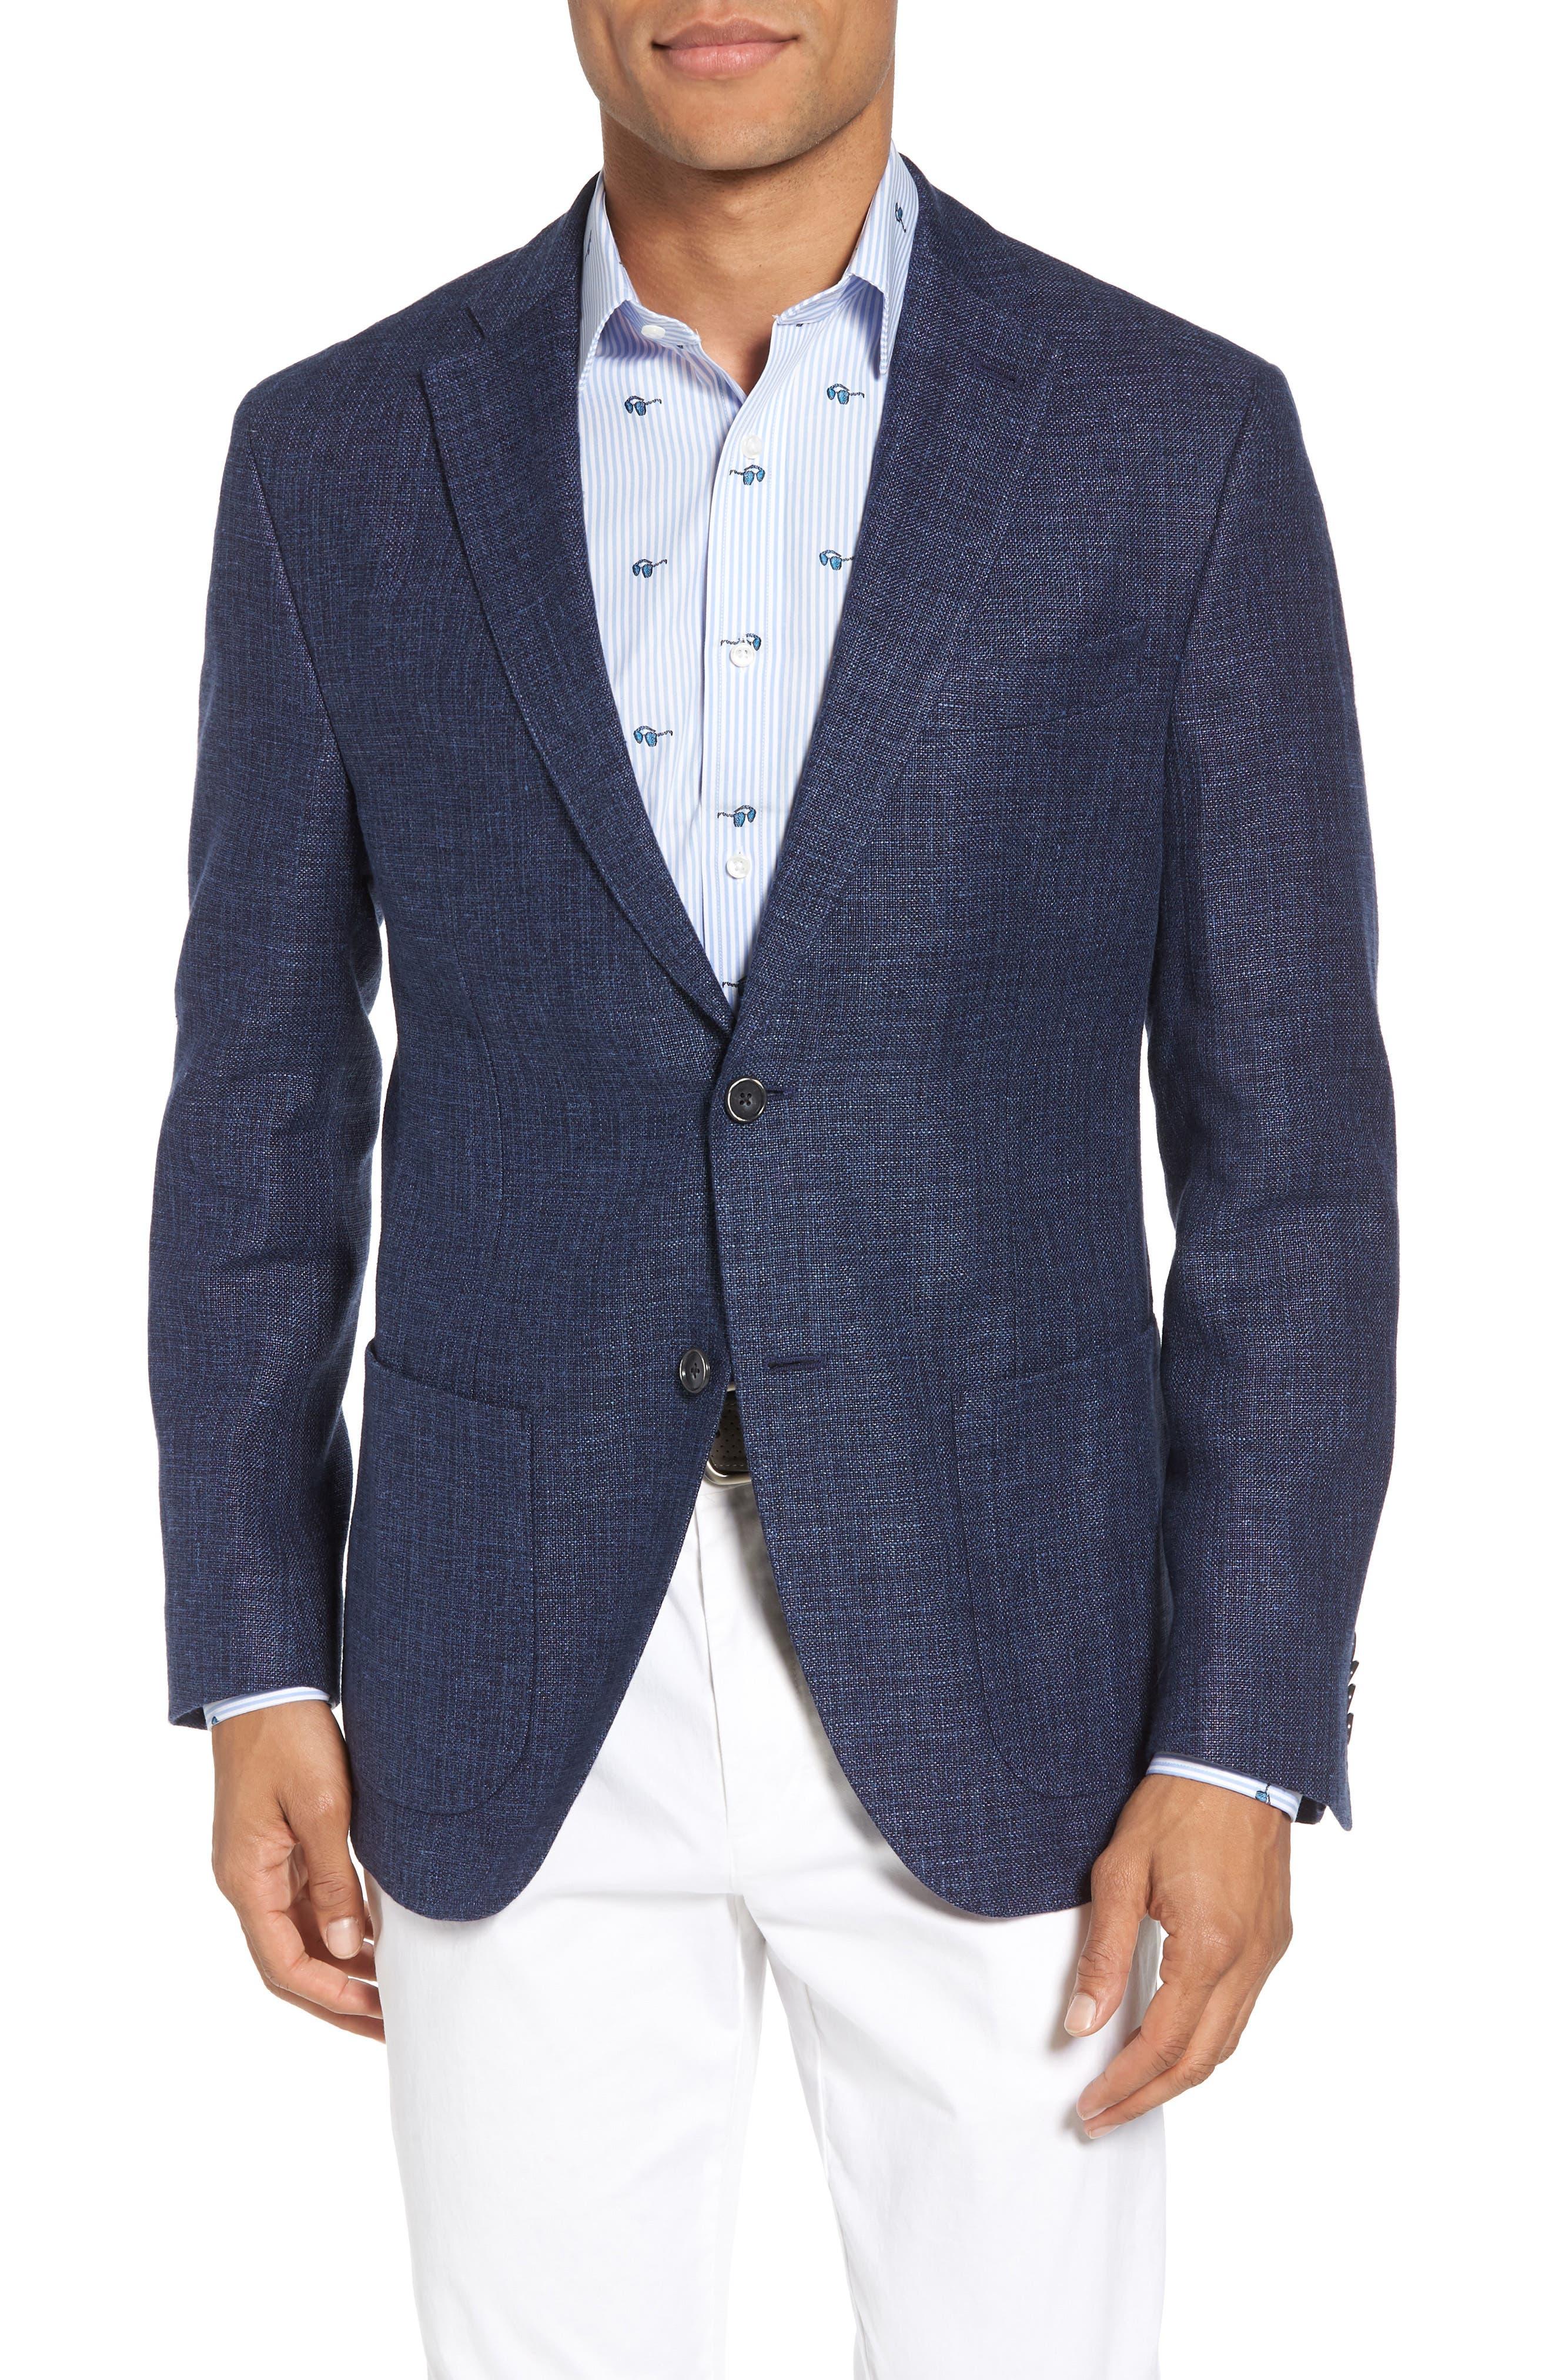 Trent Trim Fit Wool & Linen Blazer,                             Main thumbnail 1, color,                             410